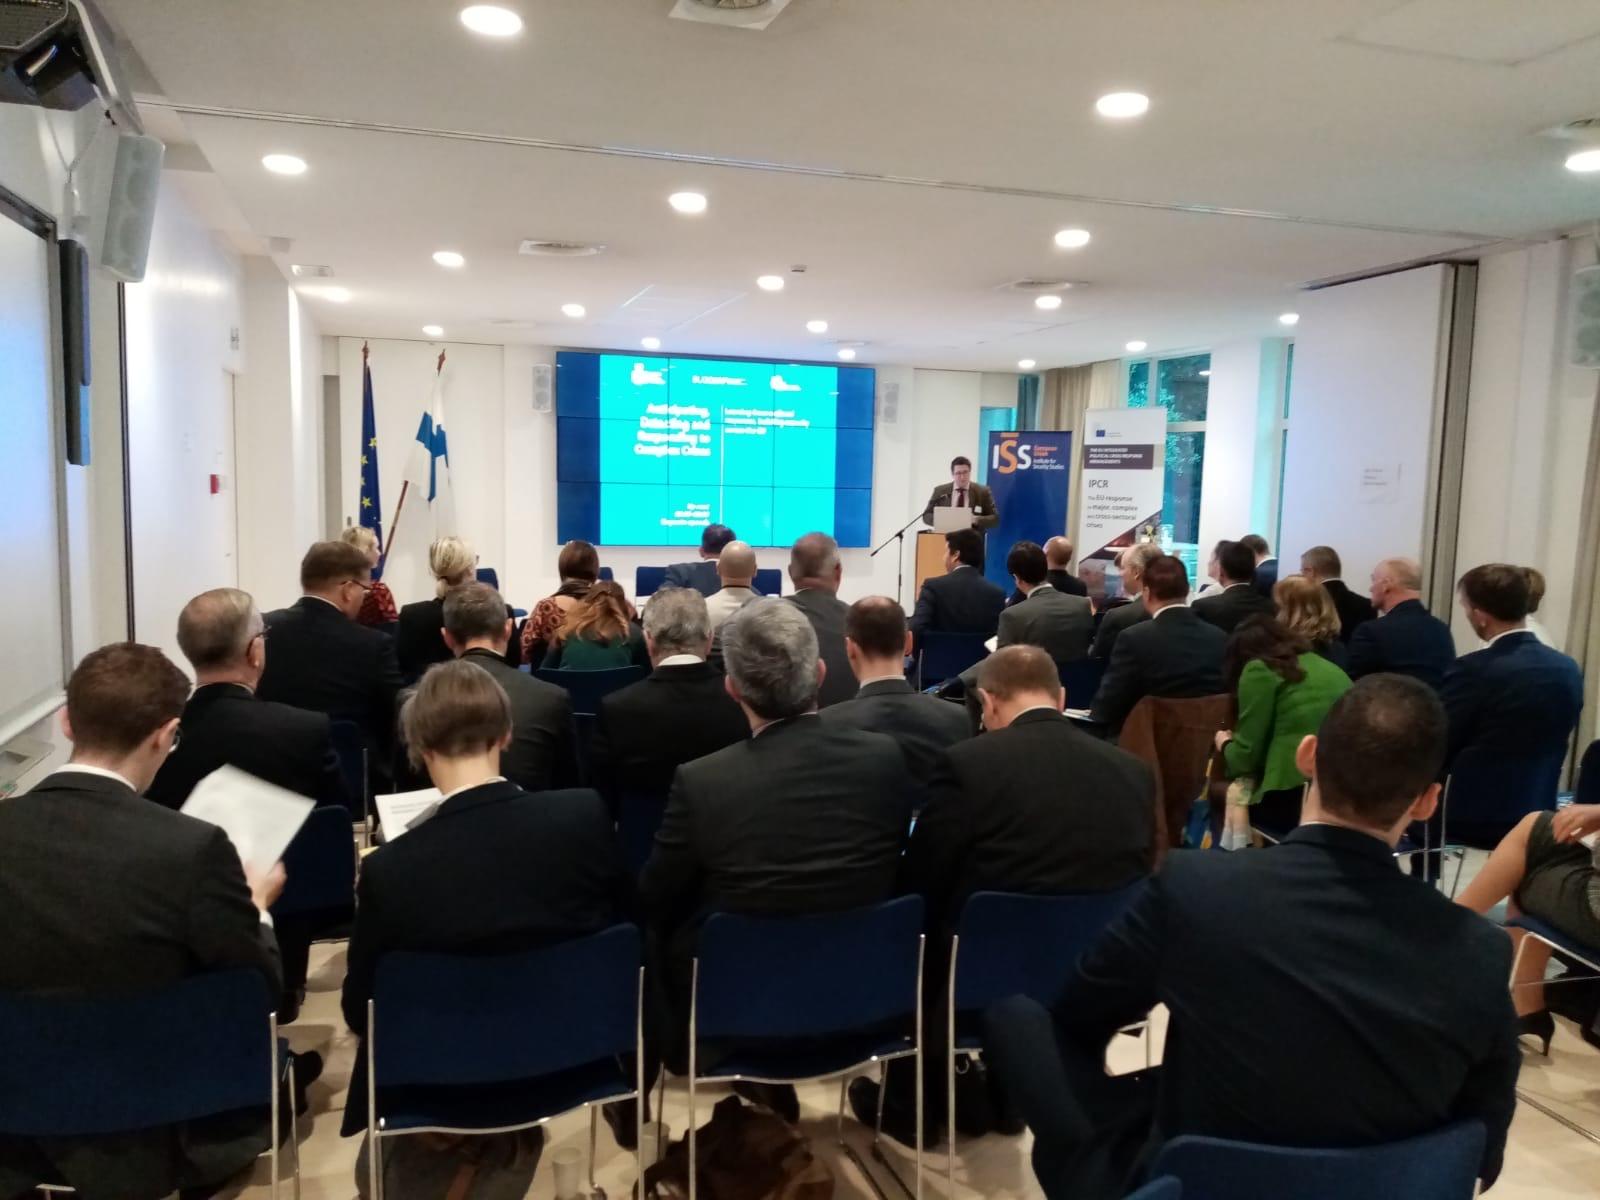 Daniel Fiott opens event in meeting room